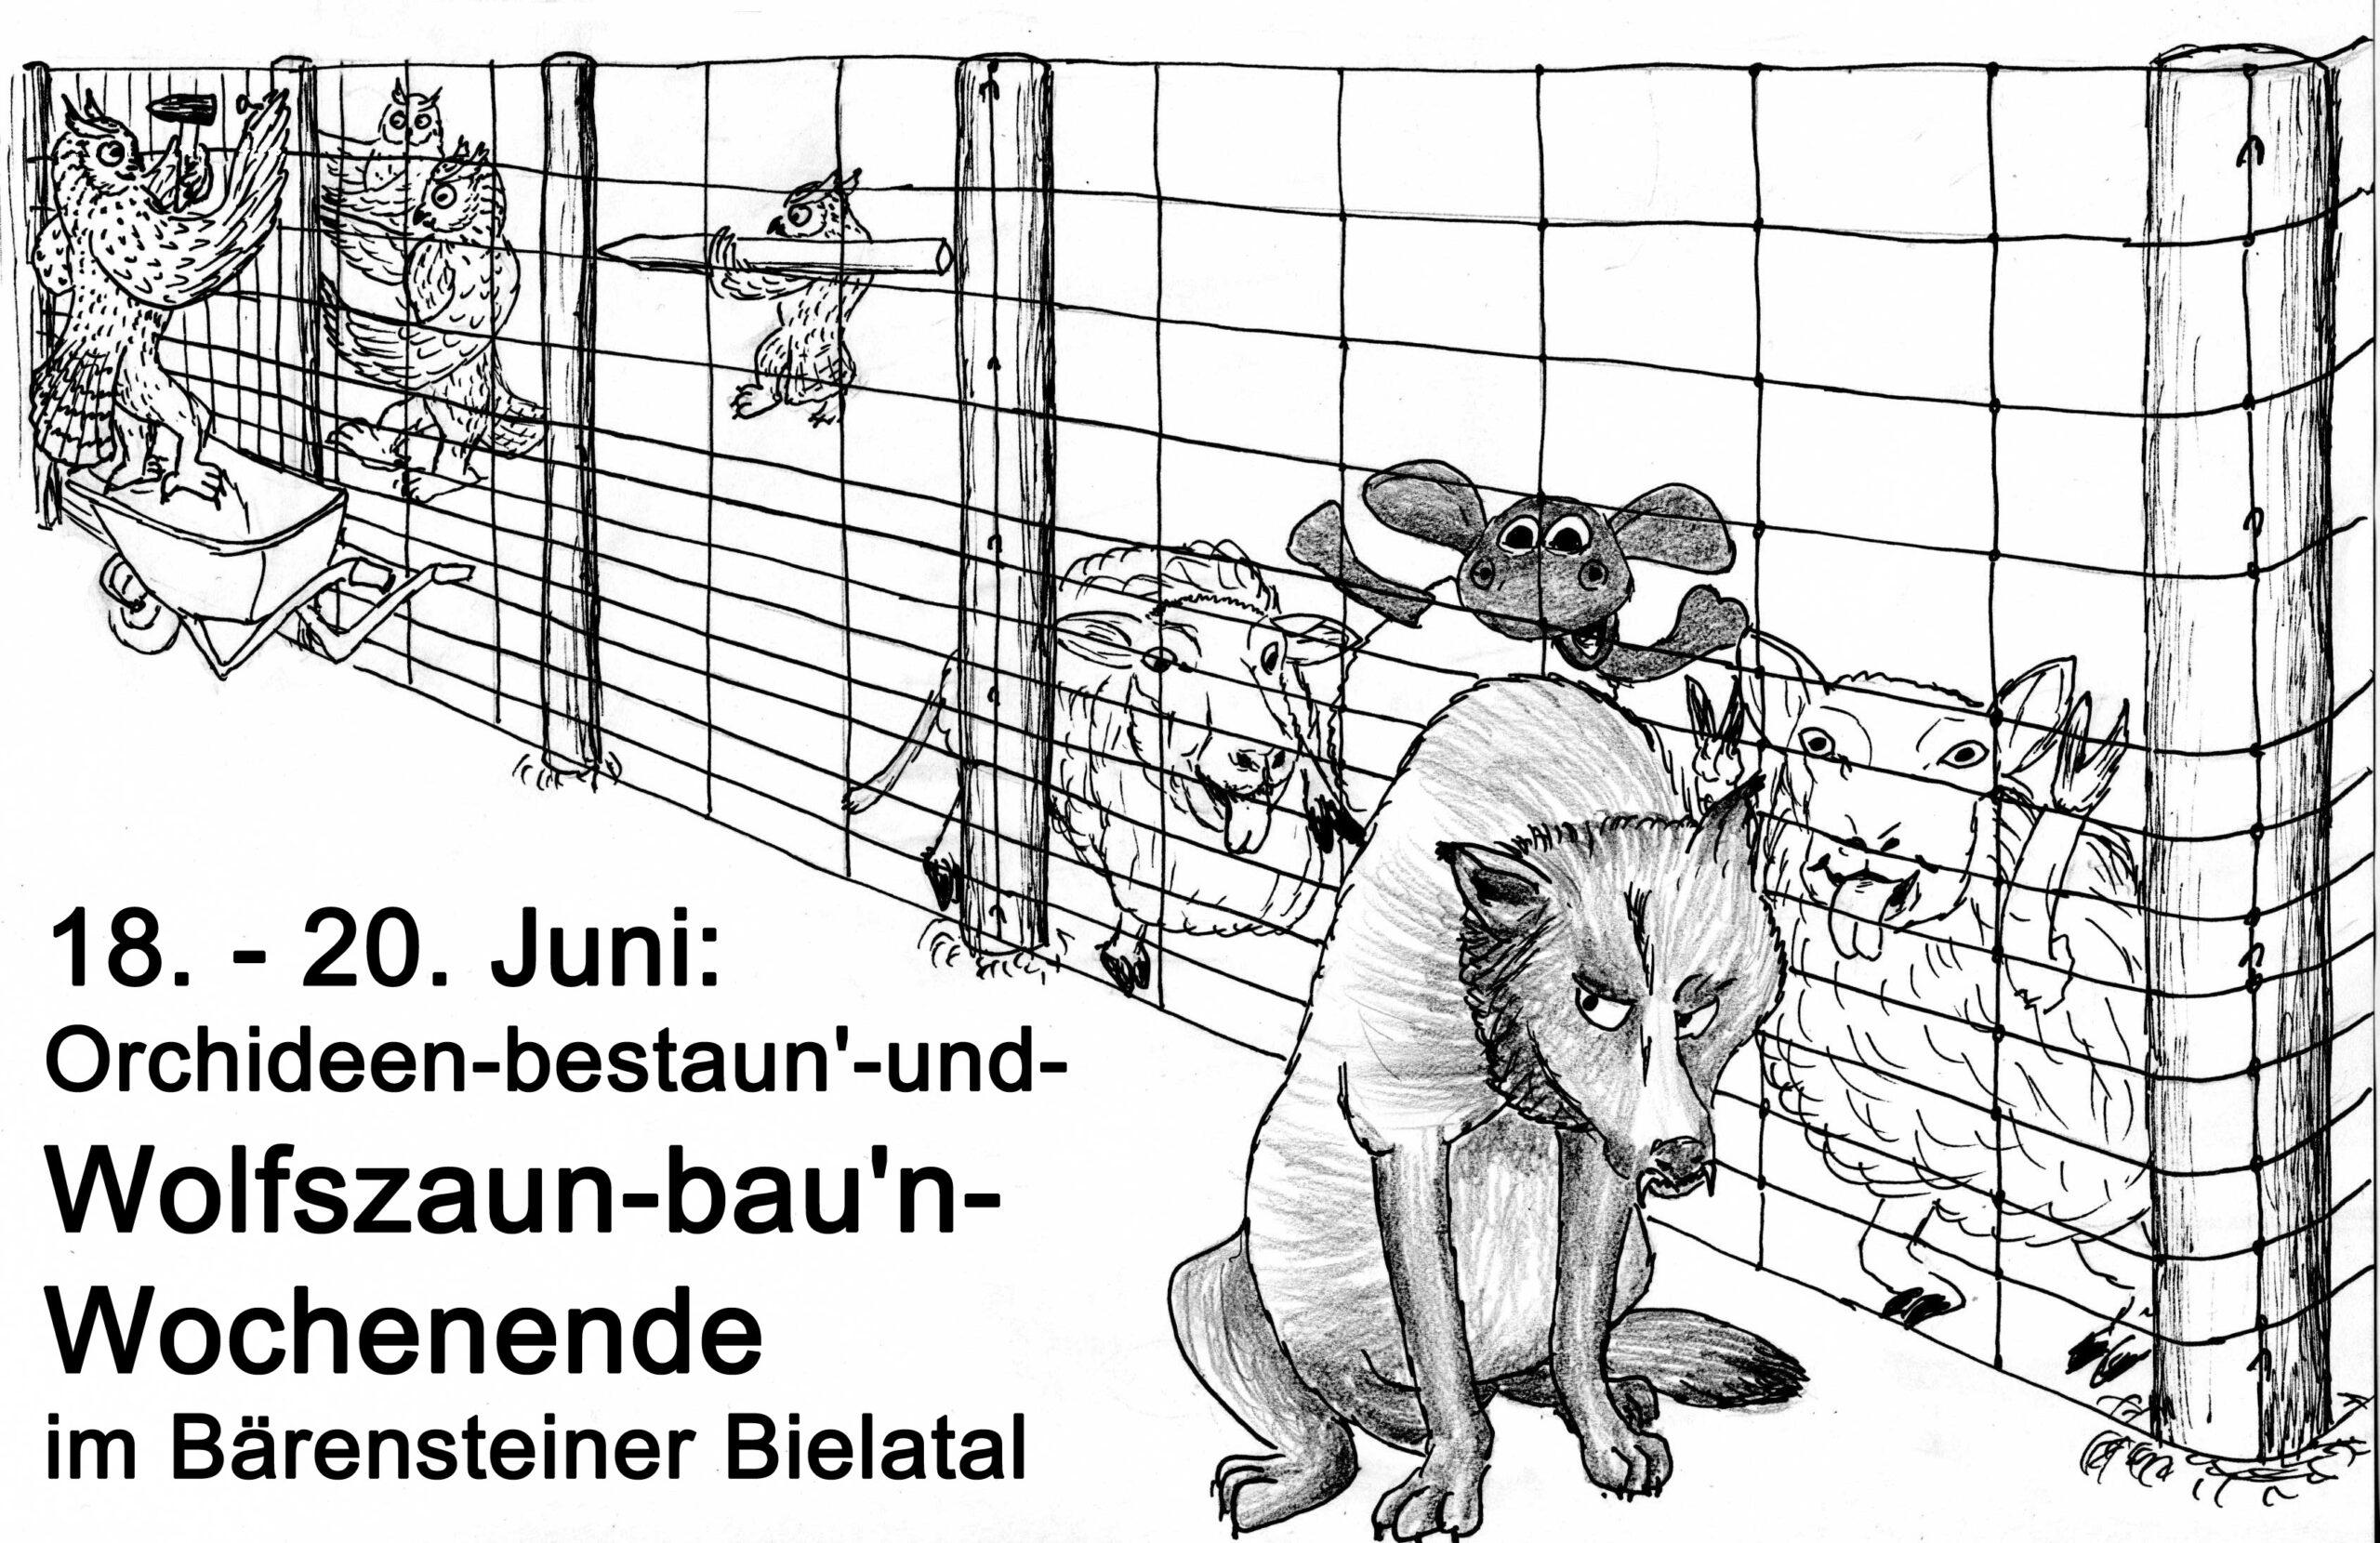 18. – 20. Juni: Orchideen-bestaun'-und-Wolfszaun-bau'n-Wochenende